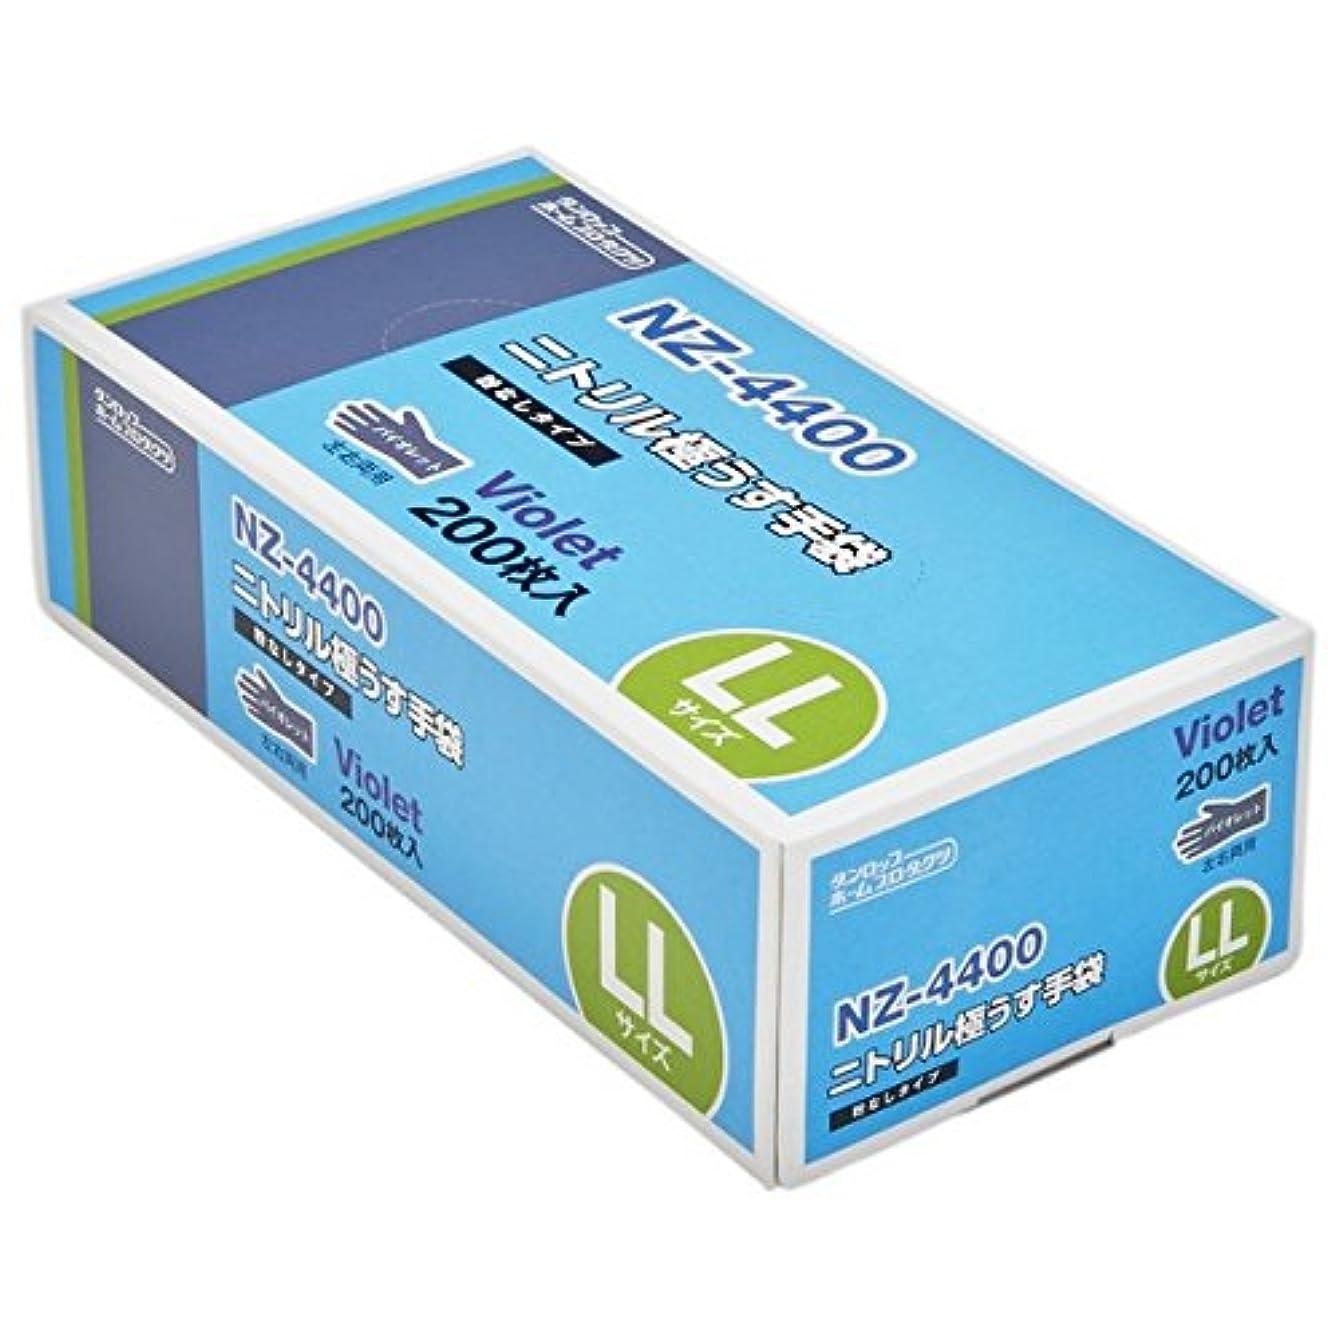 すなわち夫婦イソギンチャクダンロップ ニトリル極うす手袋 NZ-4400 バイオレット 粉なし LLサイズ 200枚入